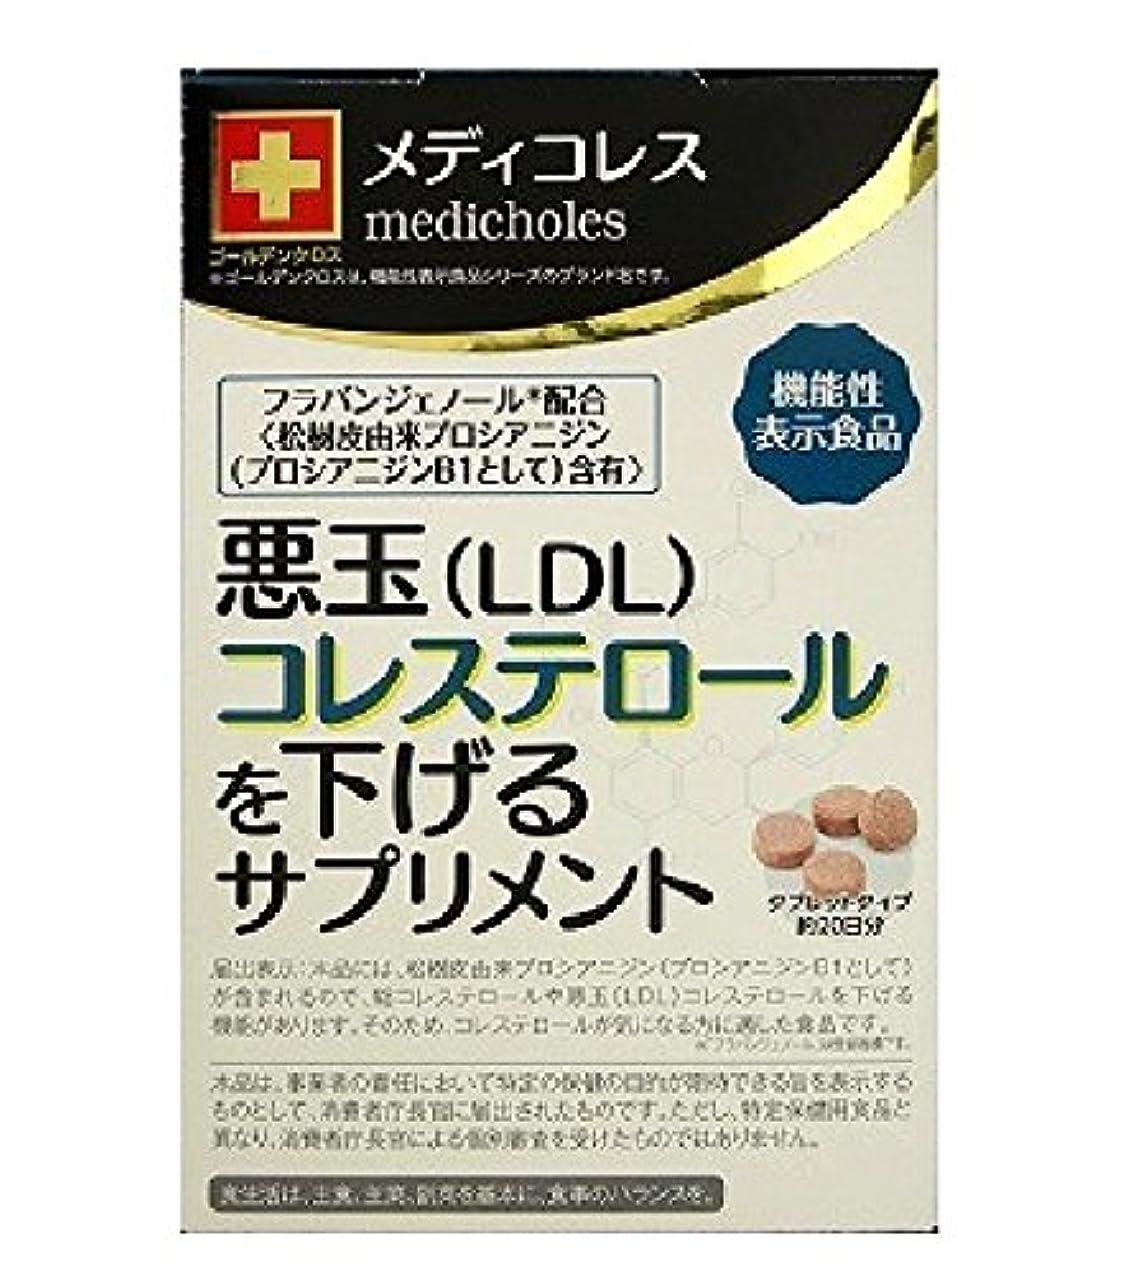 過ち聖職者ファブリック東洋新薬 メディコレス 250mgx80粒 [機能性表示食品]